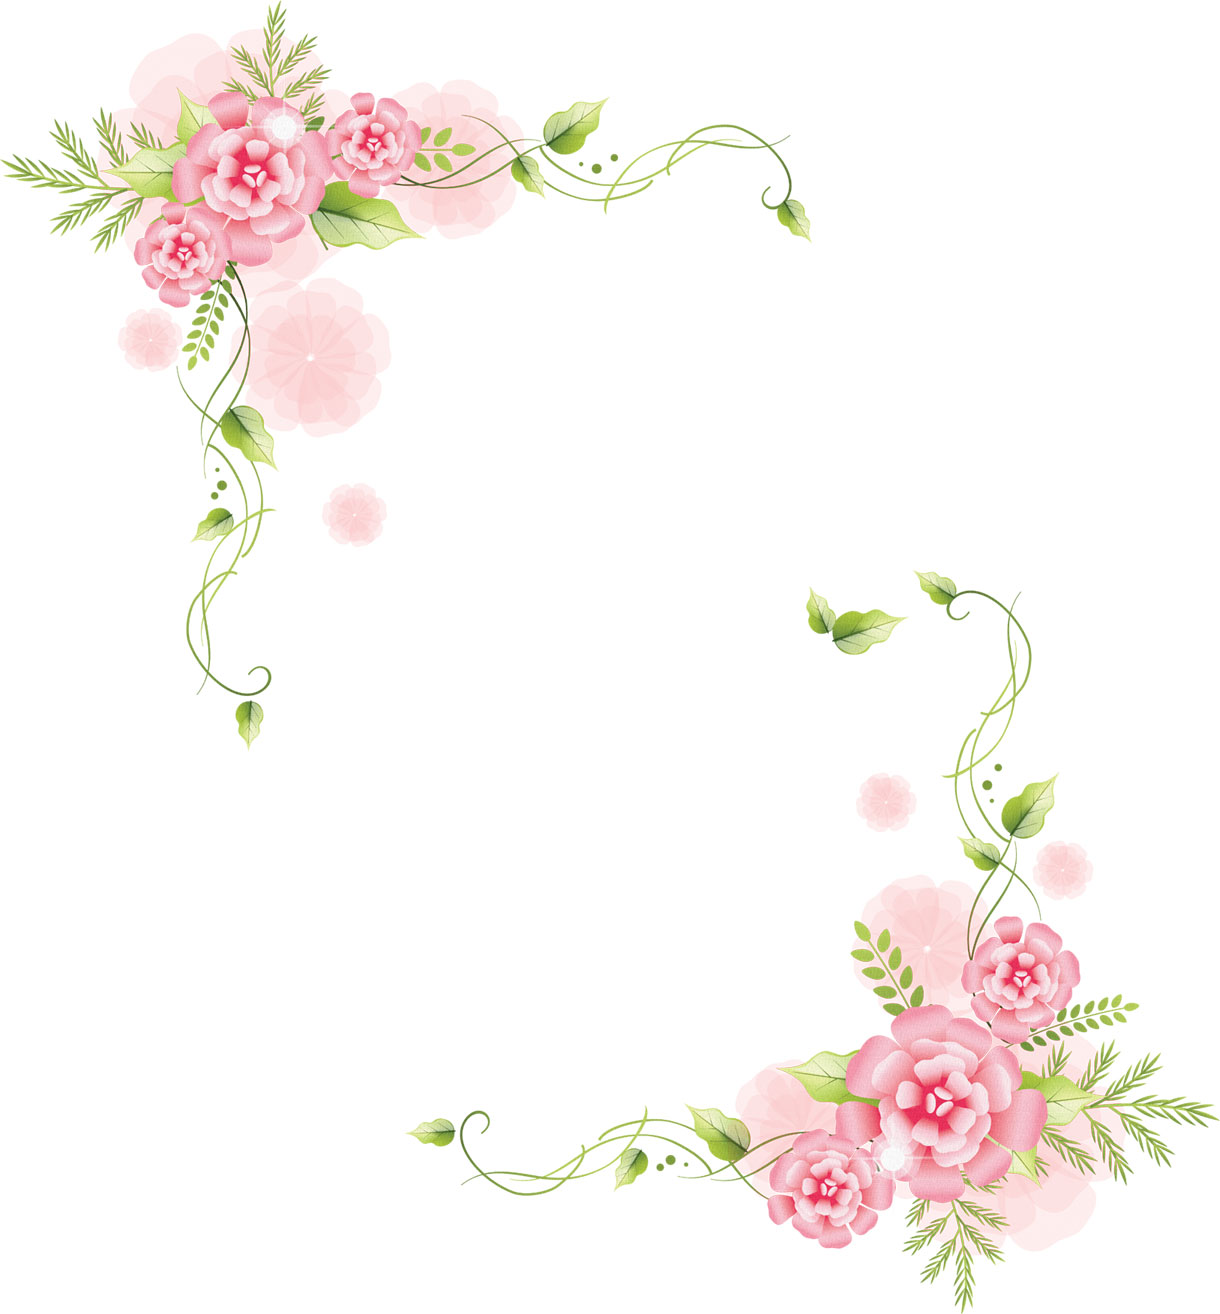 リアルな花のイラスト『フレーム・外枠2』/無料のフリー素材集【百花